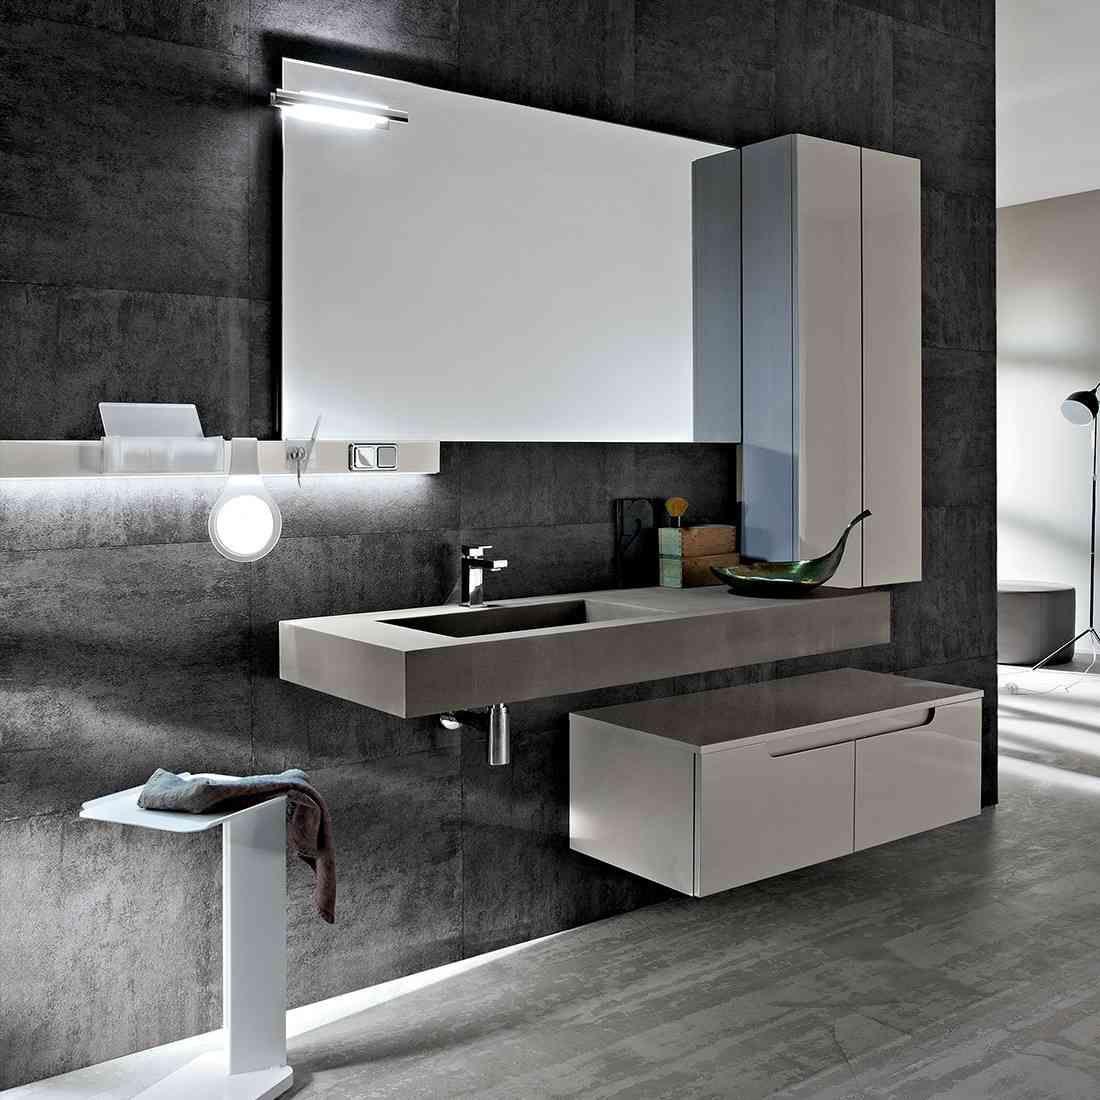 Bagno design ryo e collezione arredo cerasa bathrooms for E arredo bagno